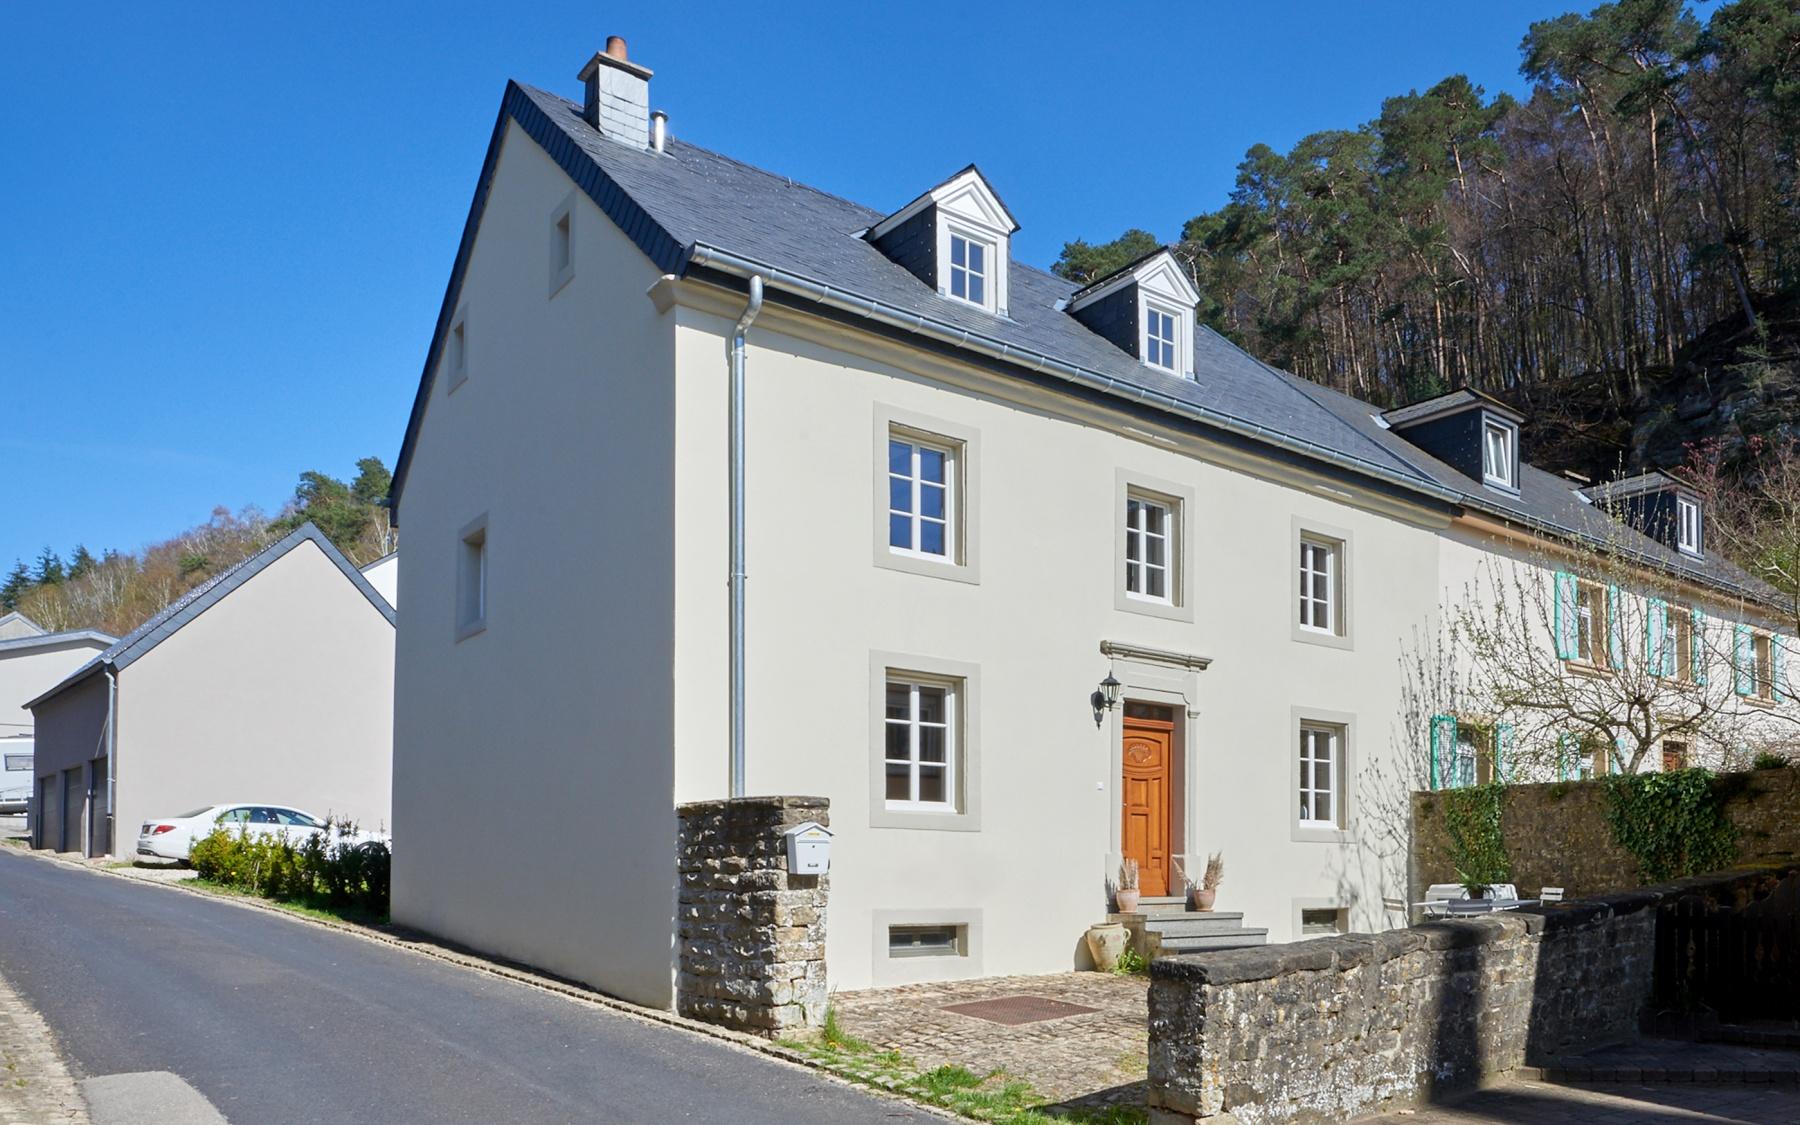 Maison de village à Bourglinster